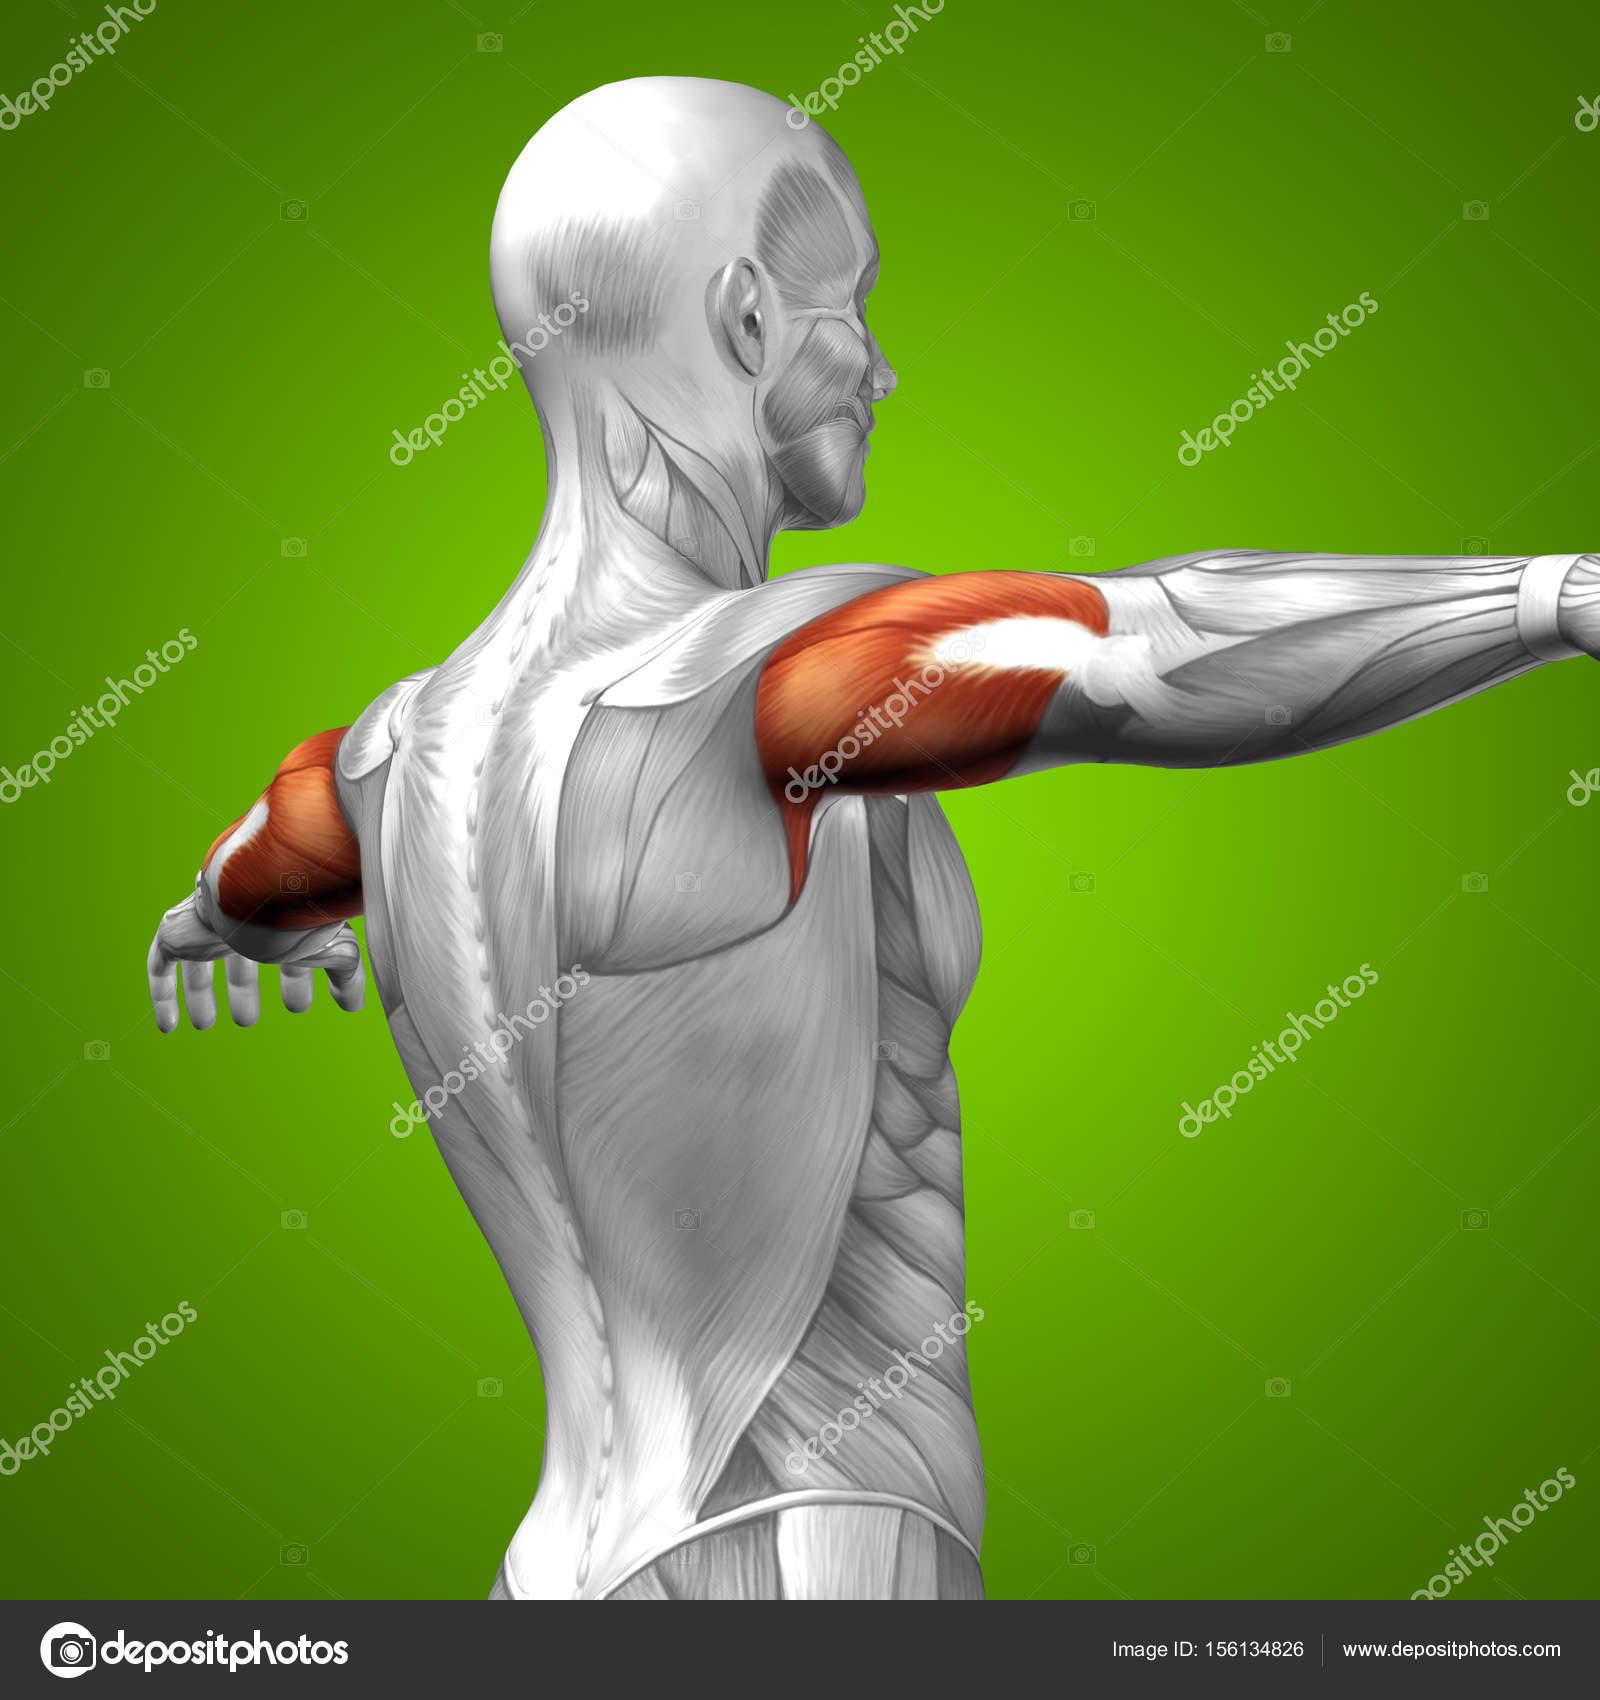 Anatomie der menschlichen Trizeps — Stockfoto © design36 #156134826